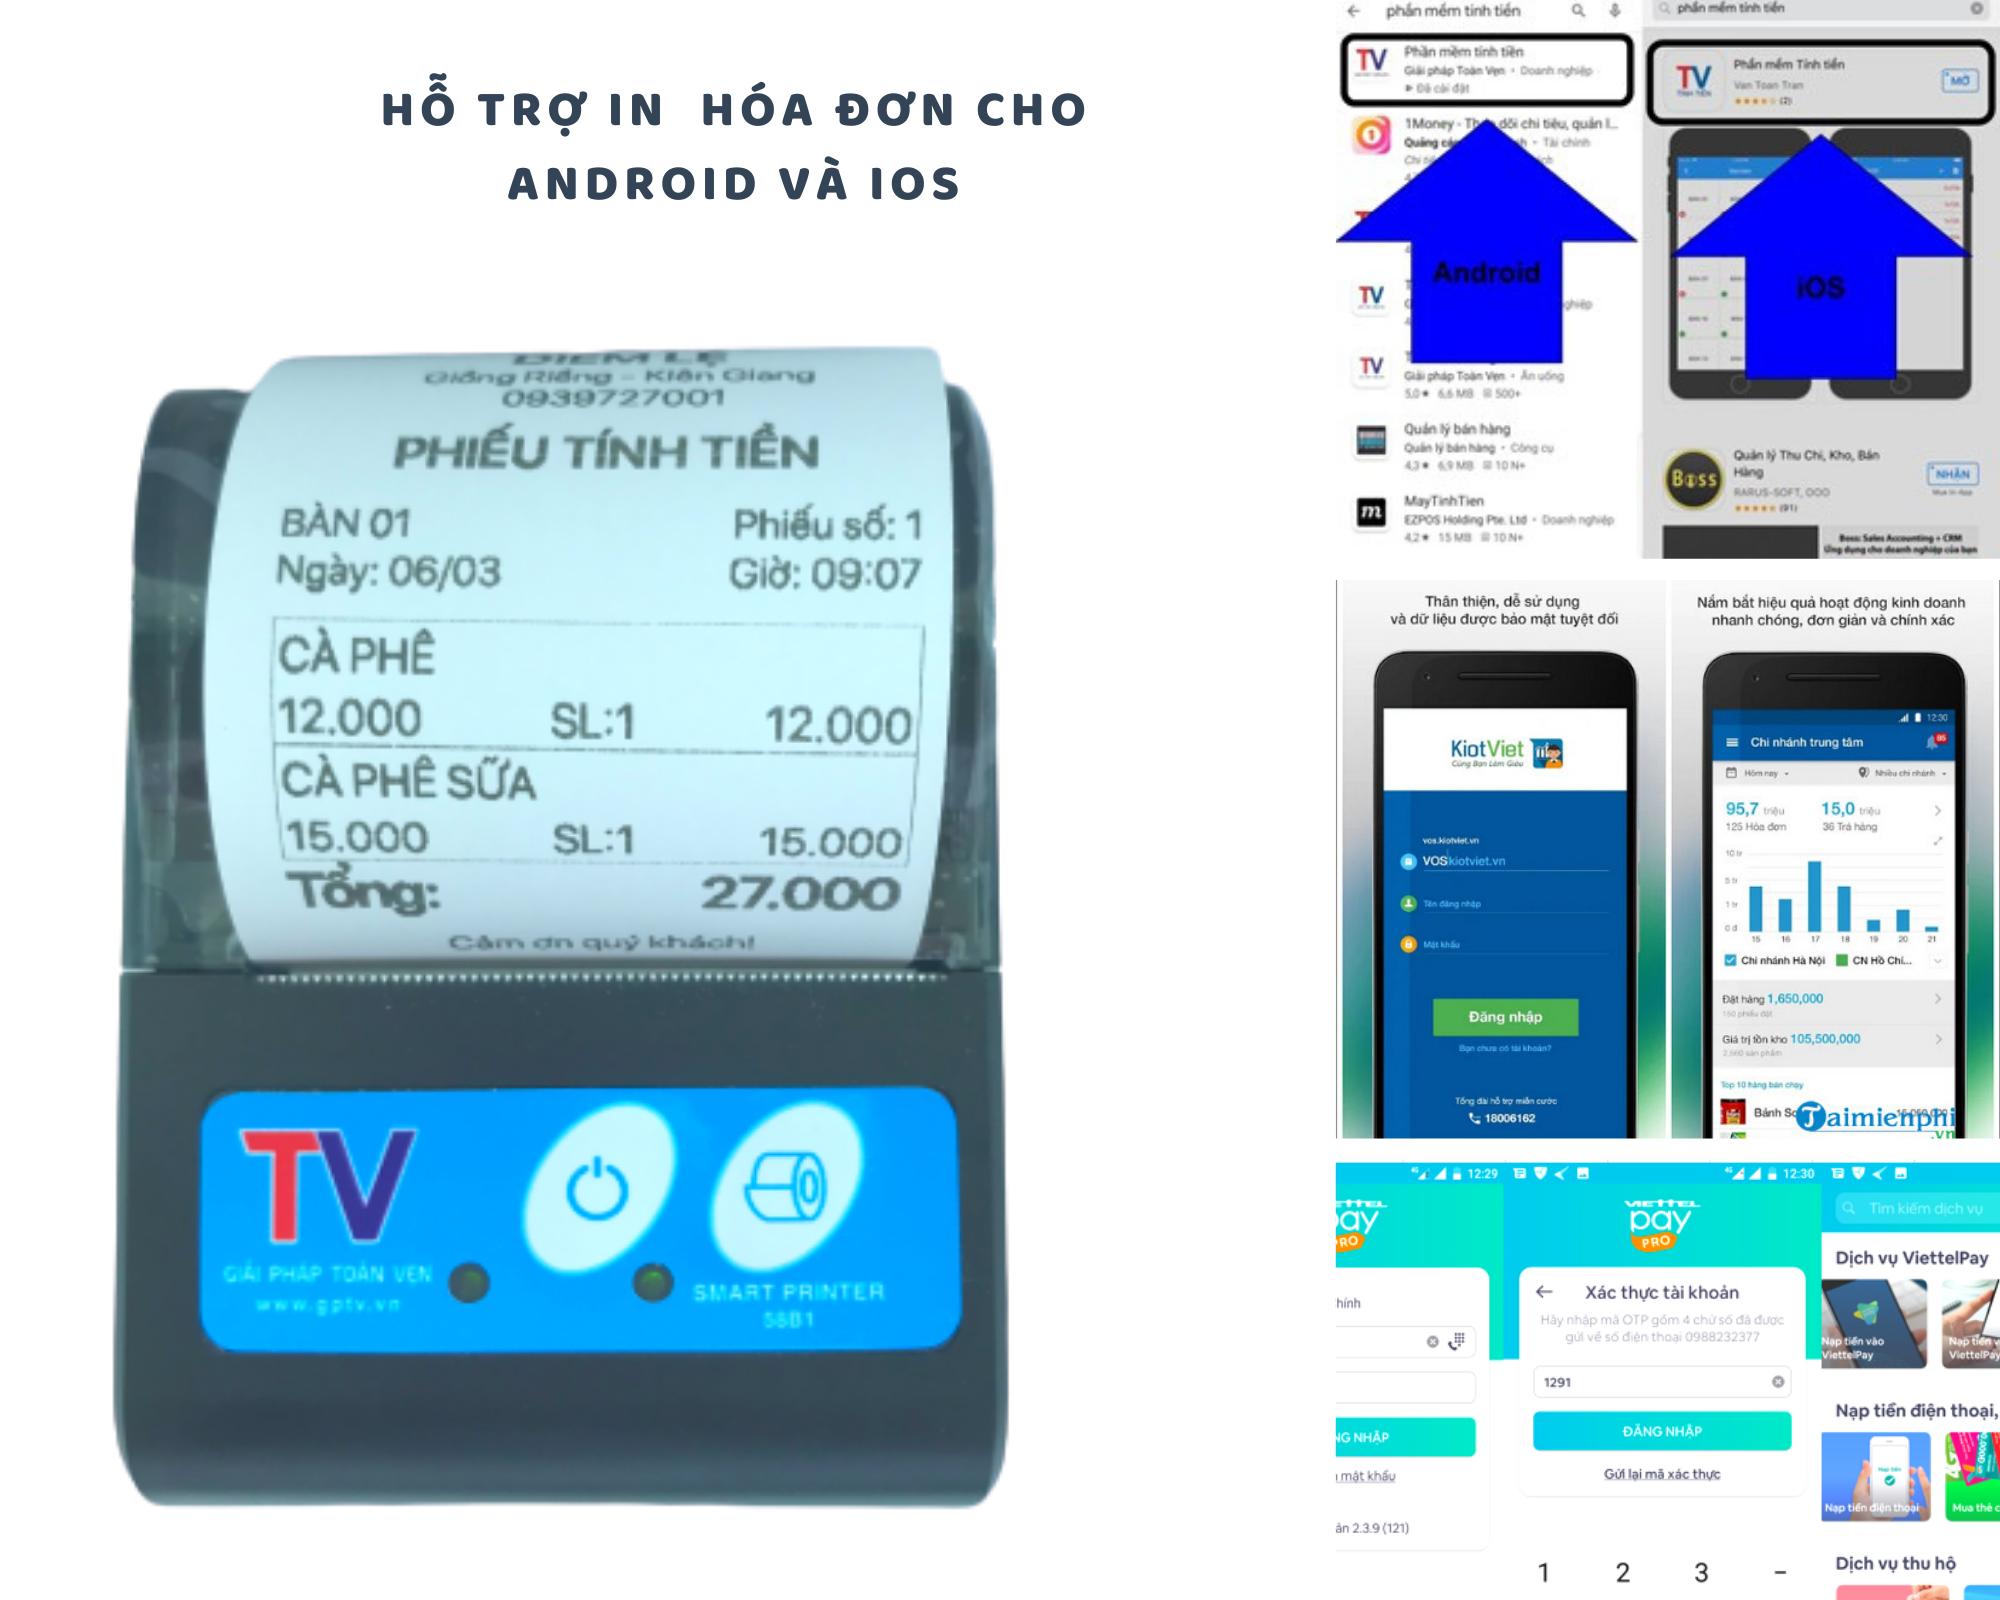 Máy in hóa đơn bluetooth 58mm cho Android và iphone in Viettel Pay Pro, KiotViet, goviet, grabfood